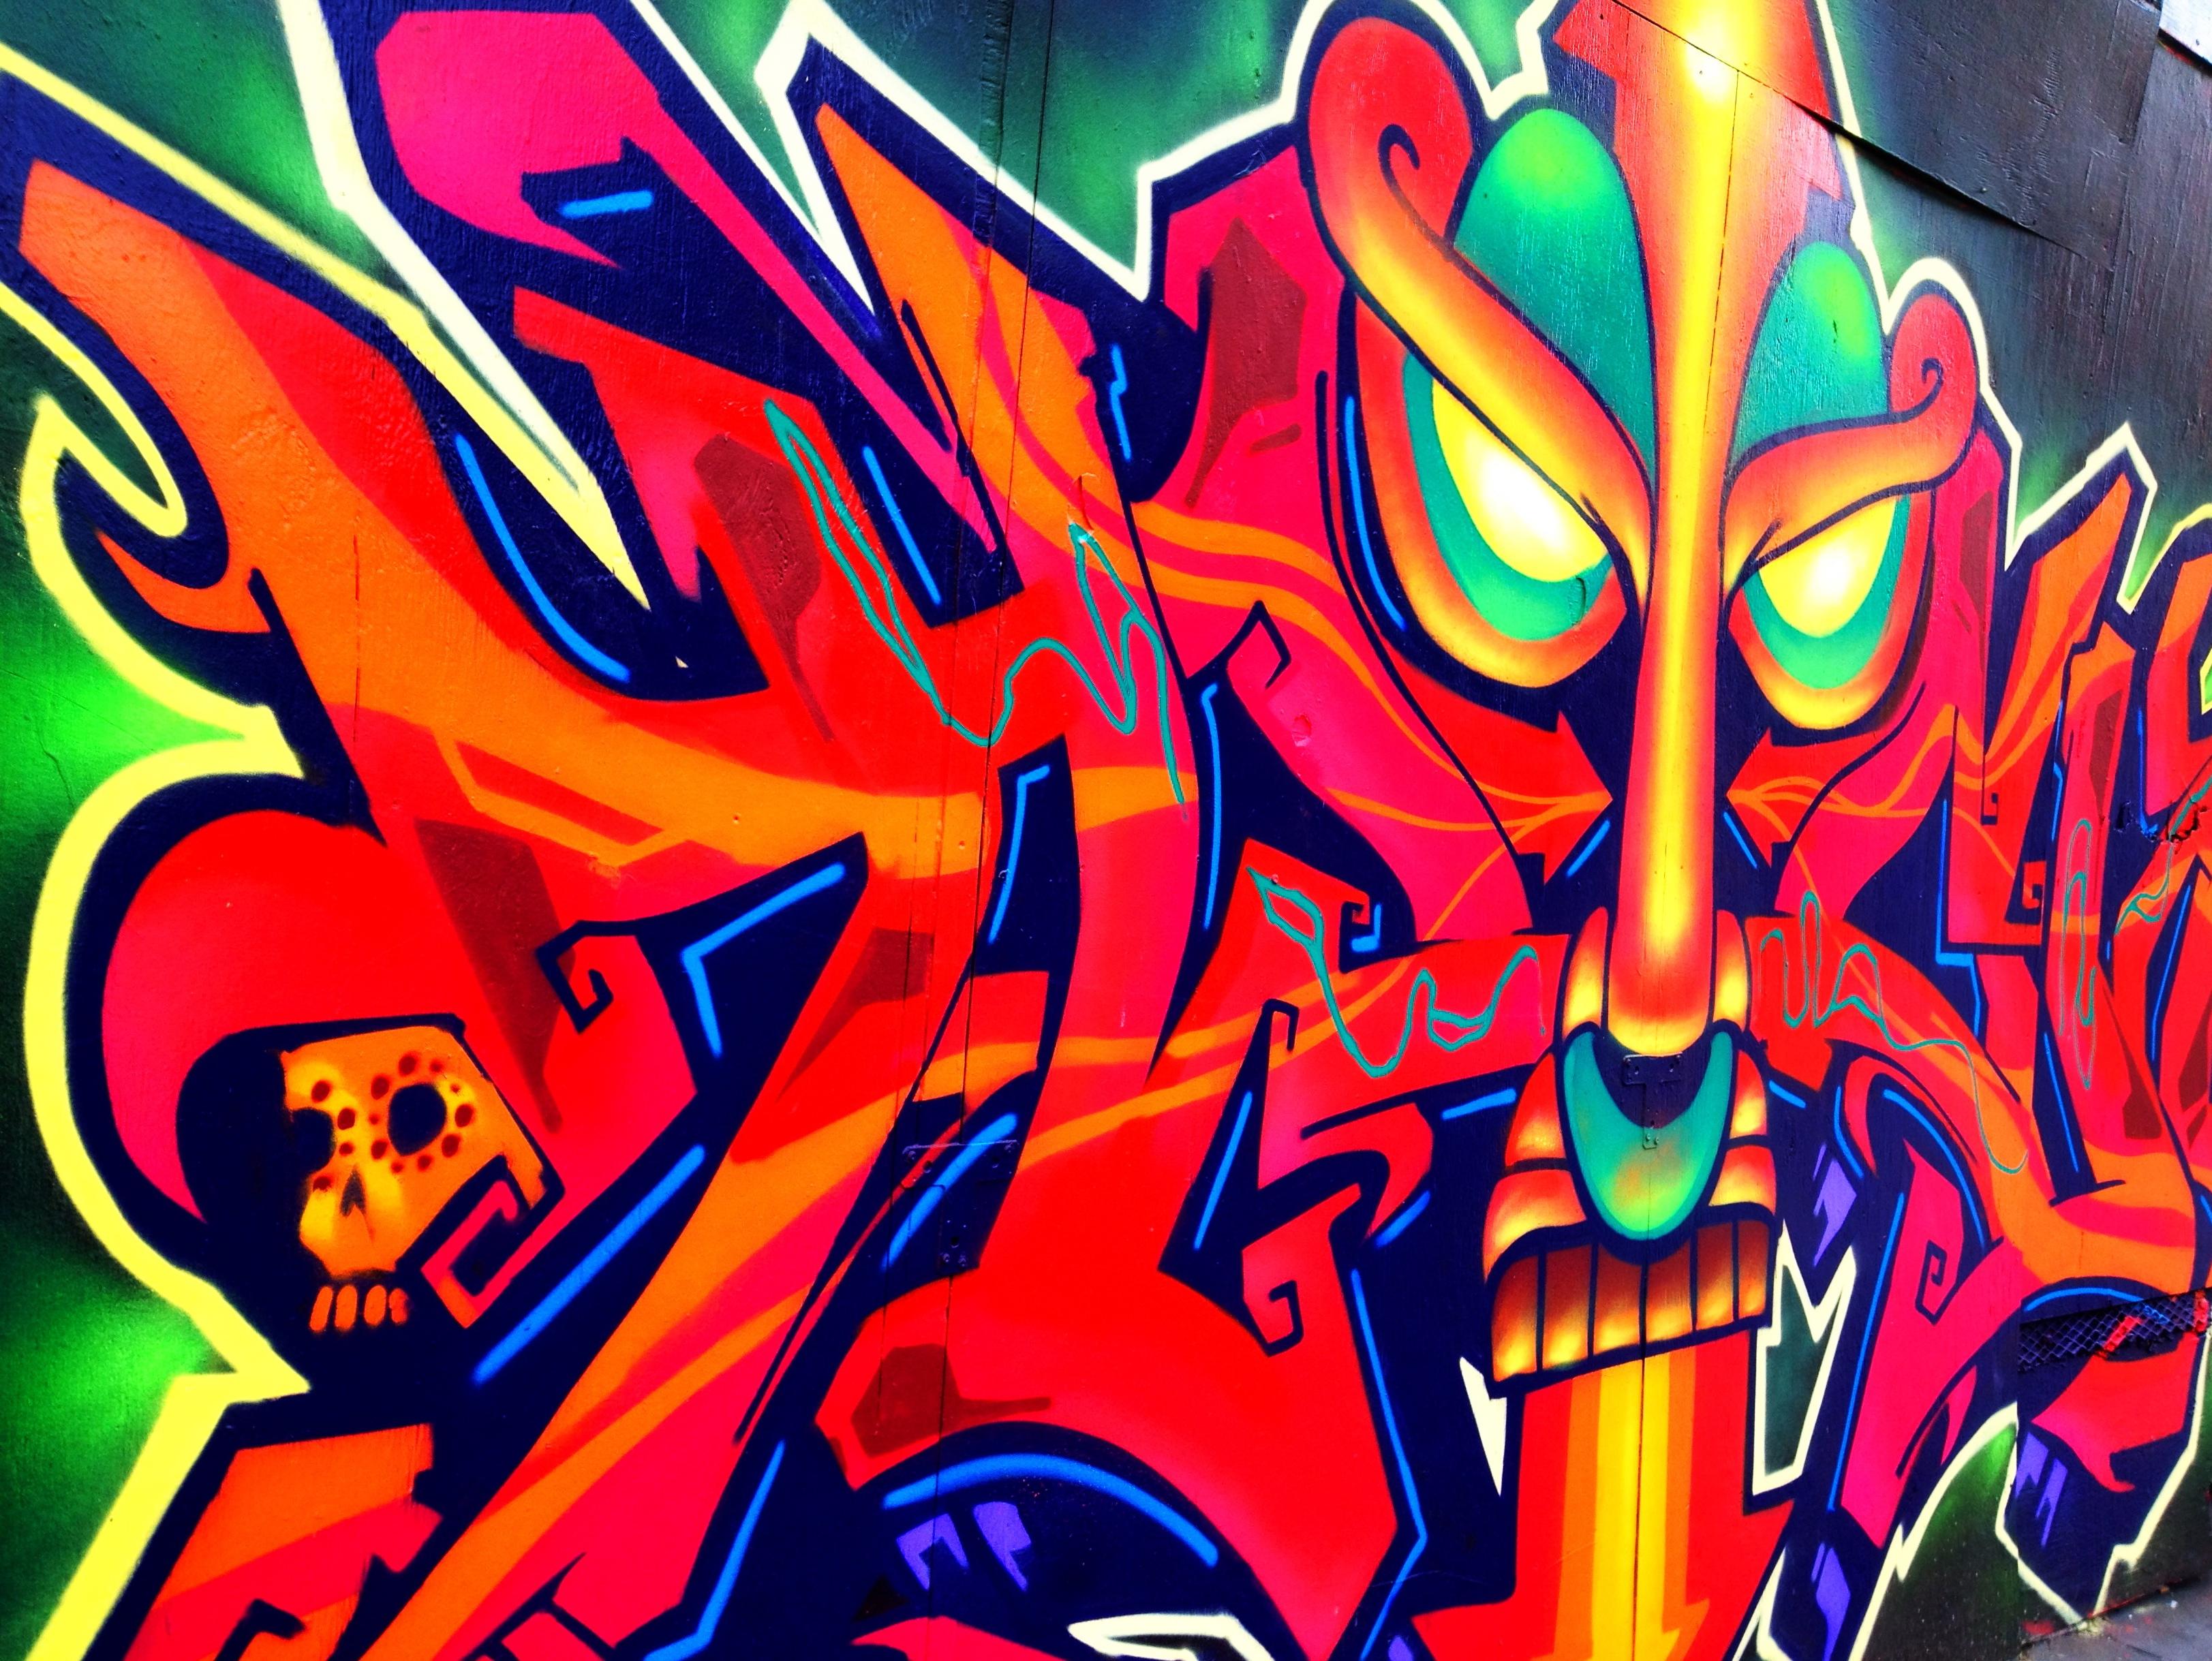 Street Art at 6th and Howard